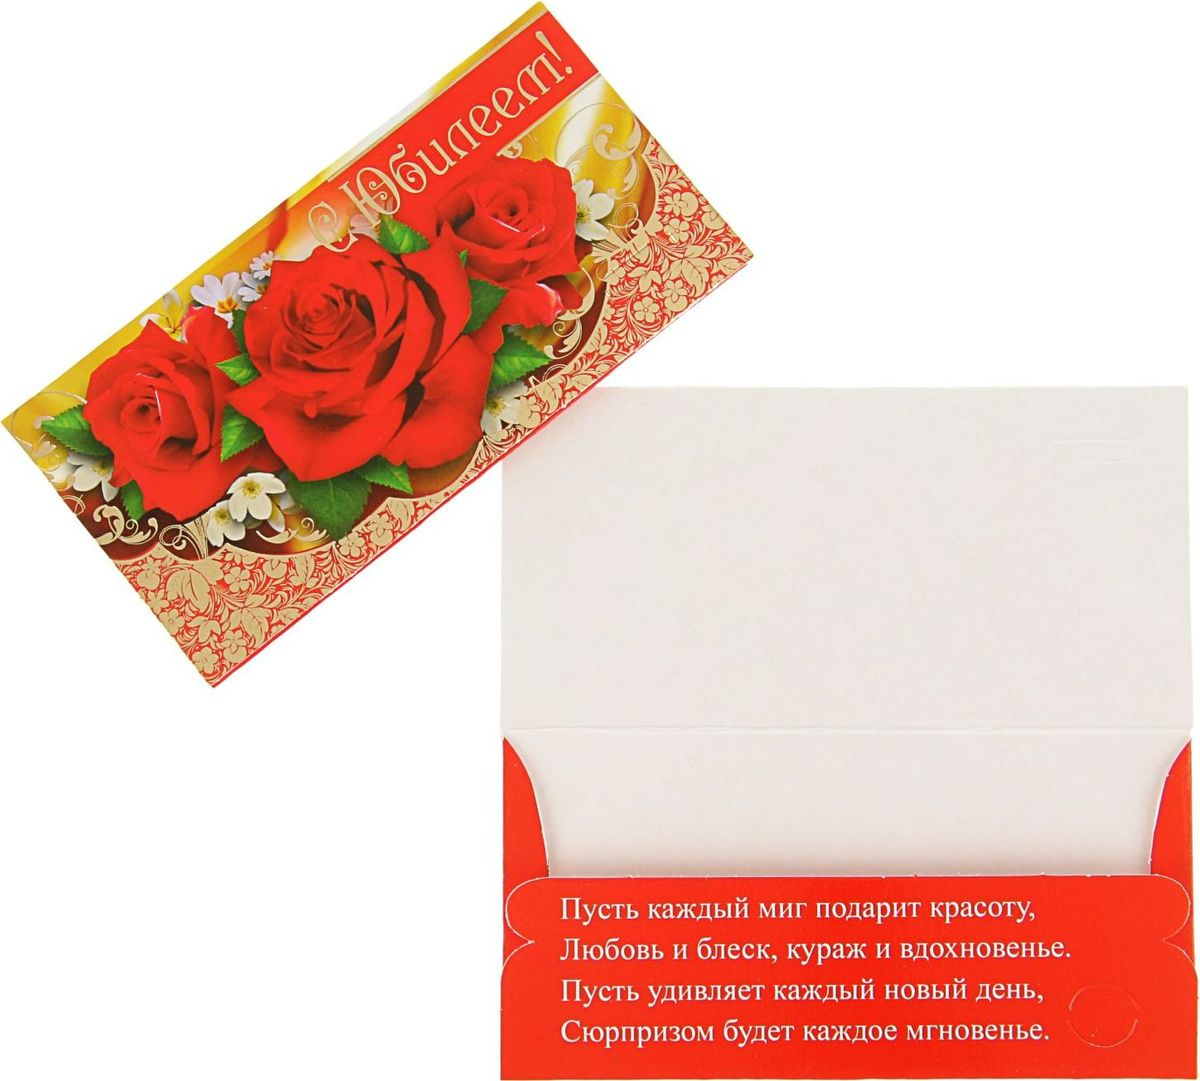 Конверт для денег Этюд С Юбилеем! Красные розы, 15,7 х 8 см1811017Невозможно представить нашу жизнь без праздников! Мы всегда ждём их и предвкушаем, обдумываем, как проведём памятный день, тщательно выбираем подарки и аксессуары, ведь именно они создают и поддерживают торжественный настрой. Этот конверт - отличный выбор, который привнесёт атмосферу праздника в ваш дом!